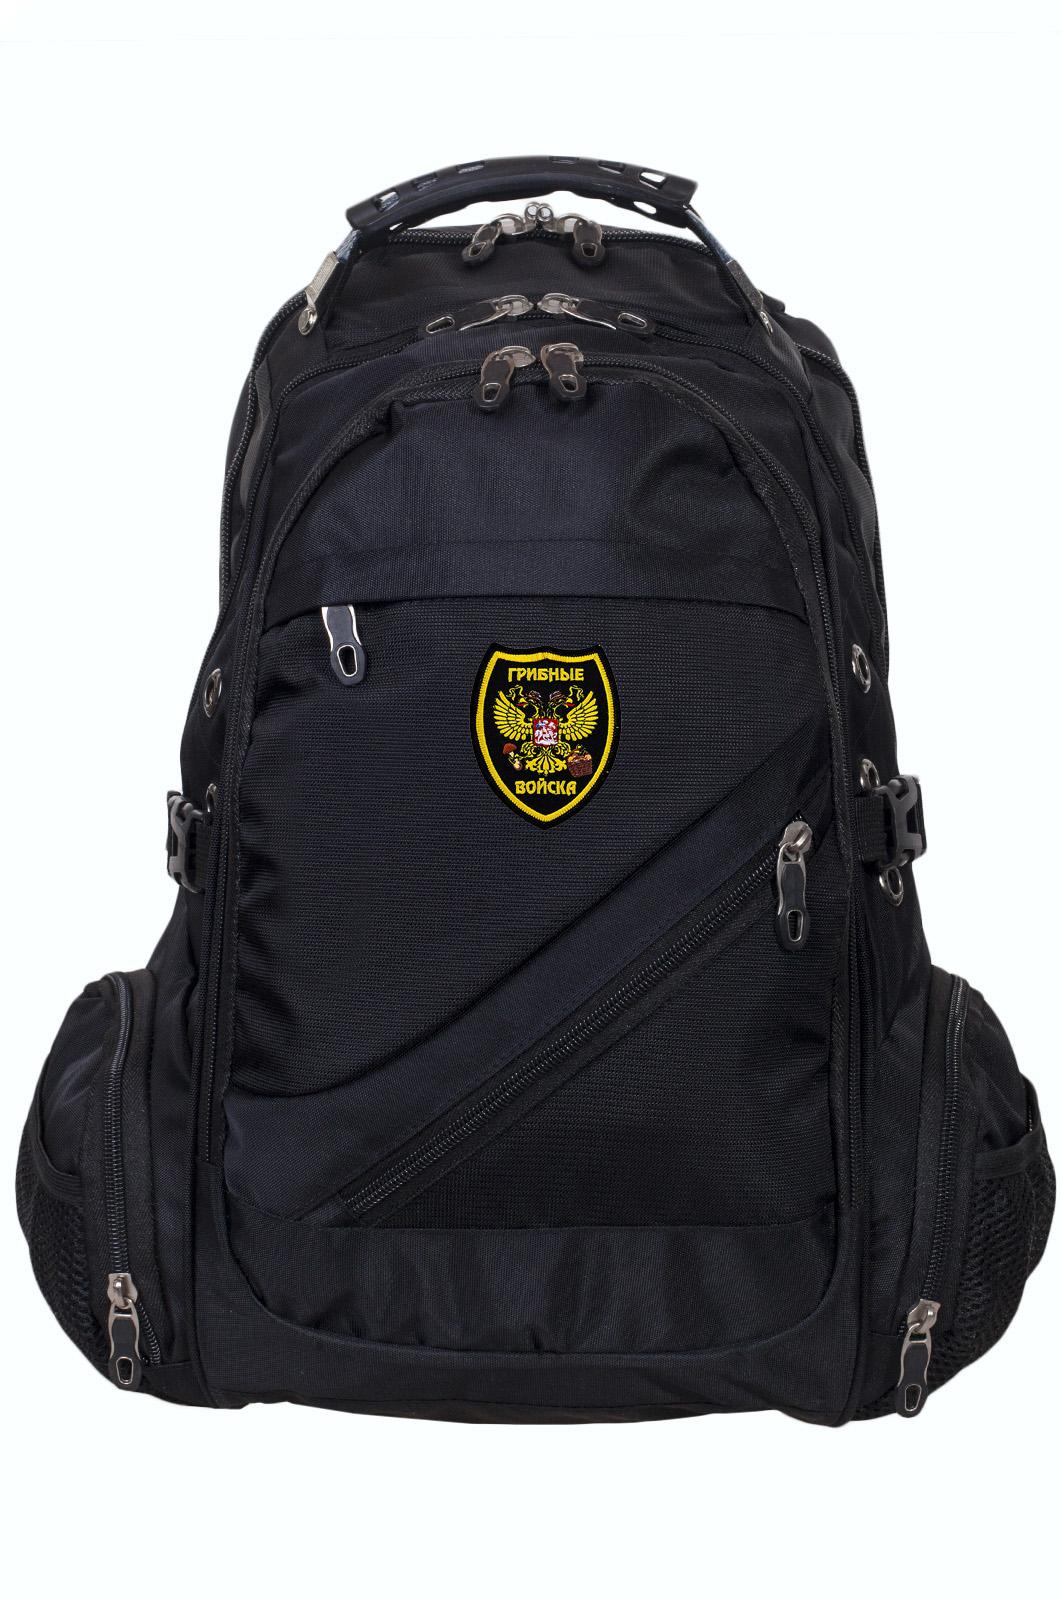 Стильный мужской рюкзак с шуточной нашивкой Грибные войска